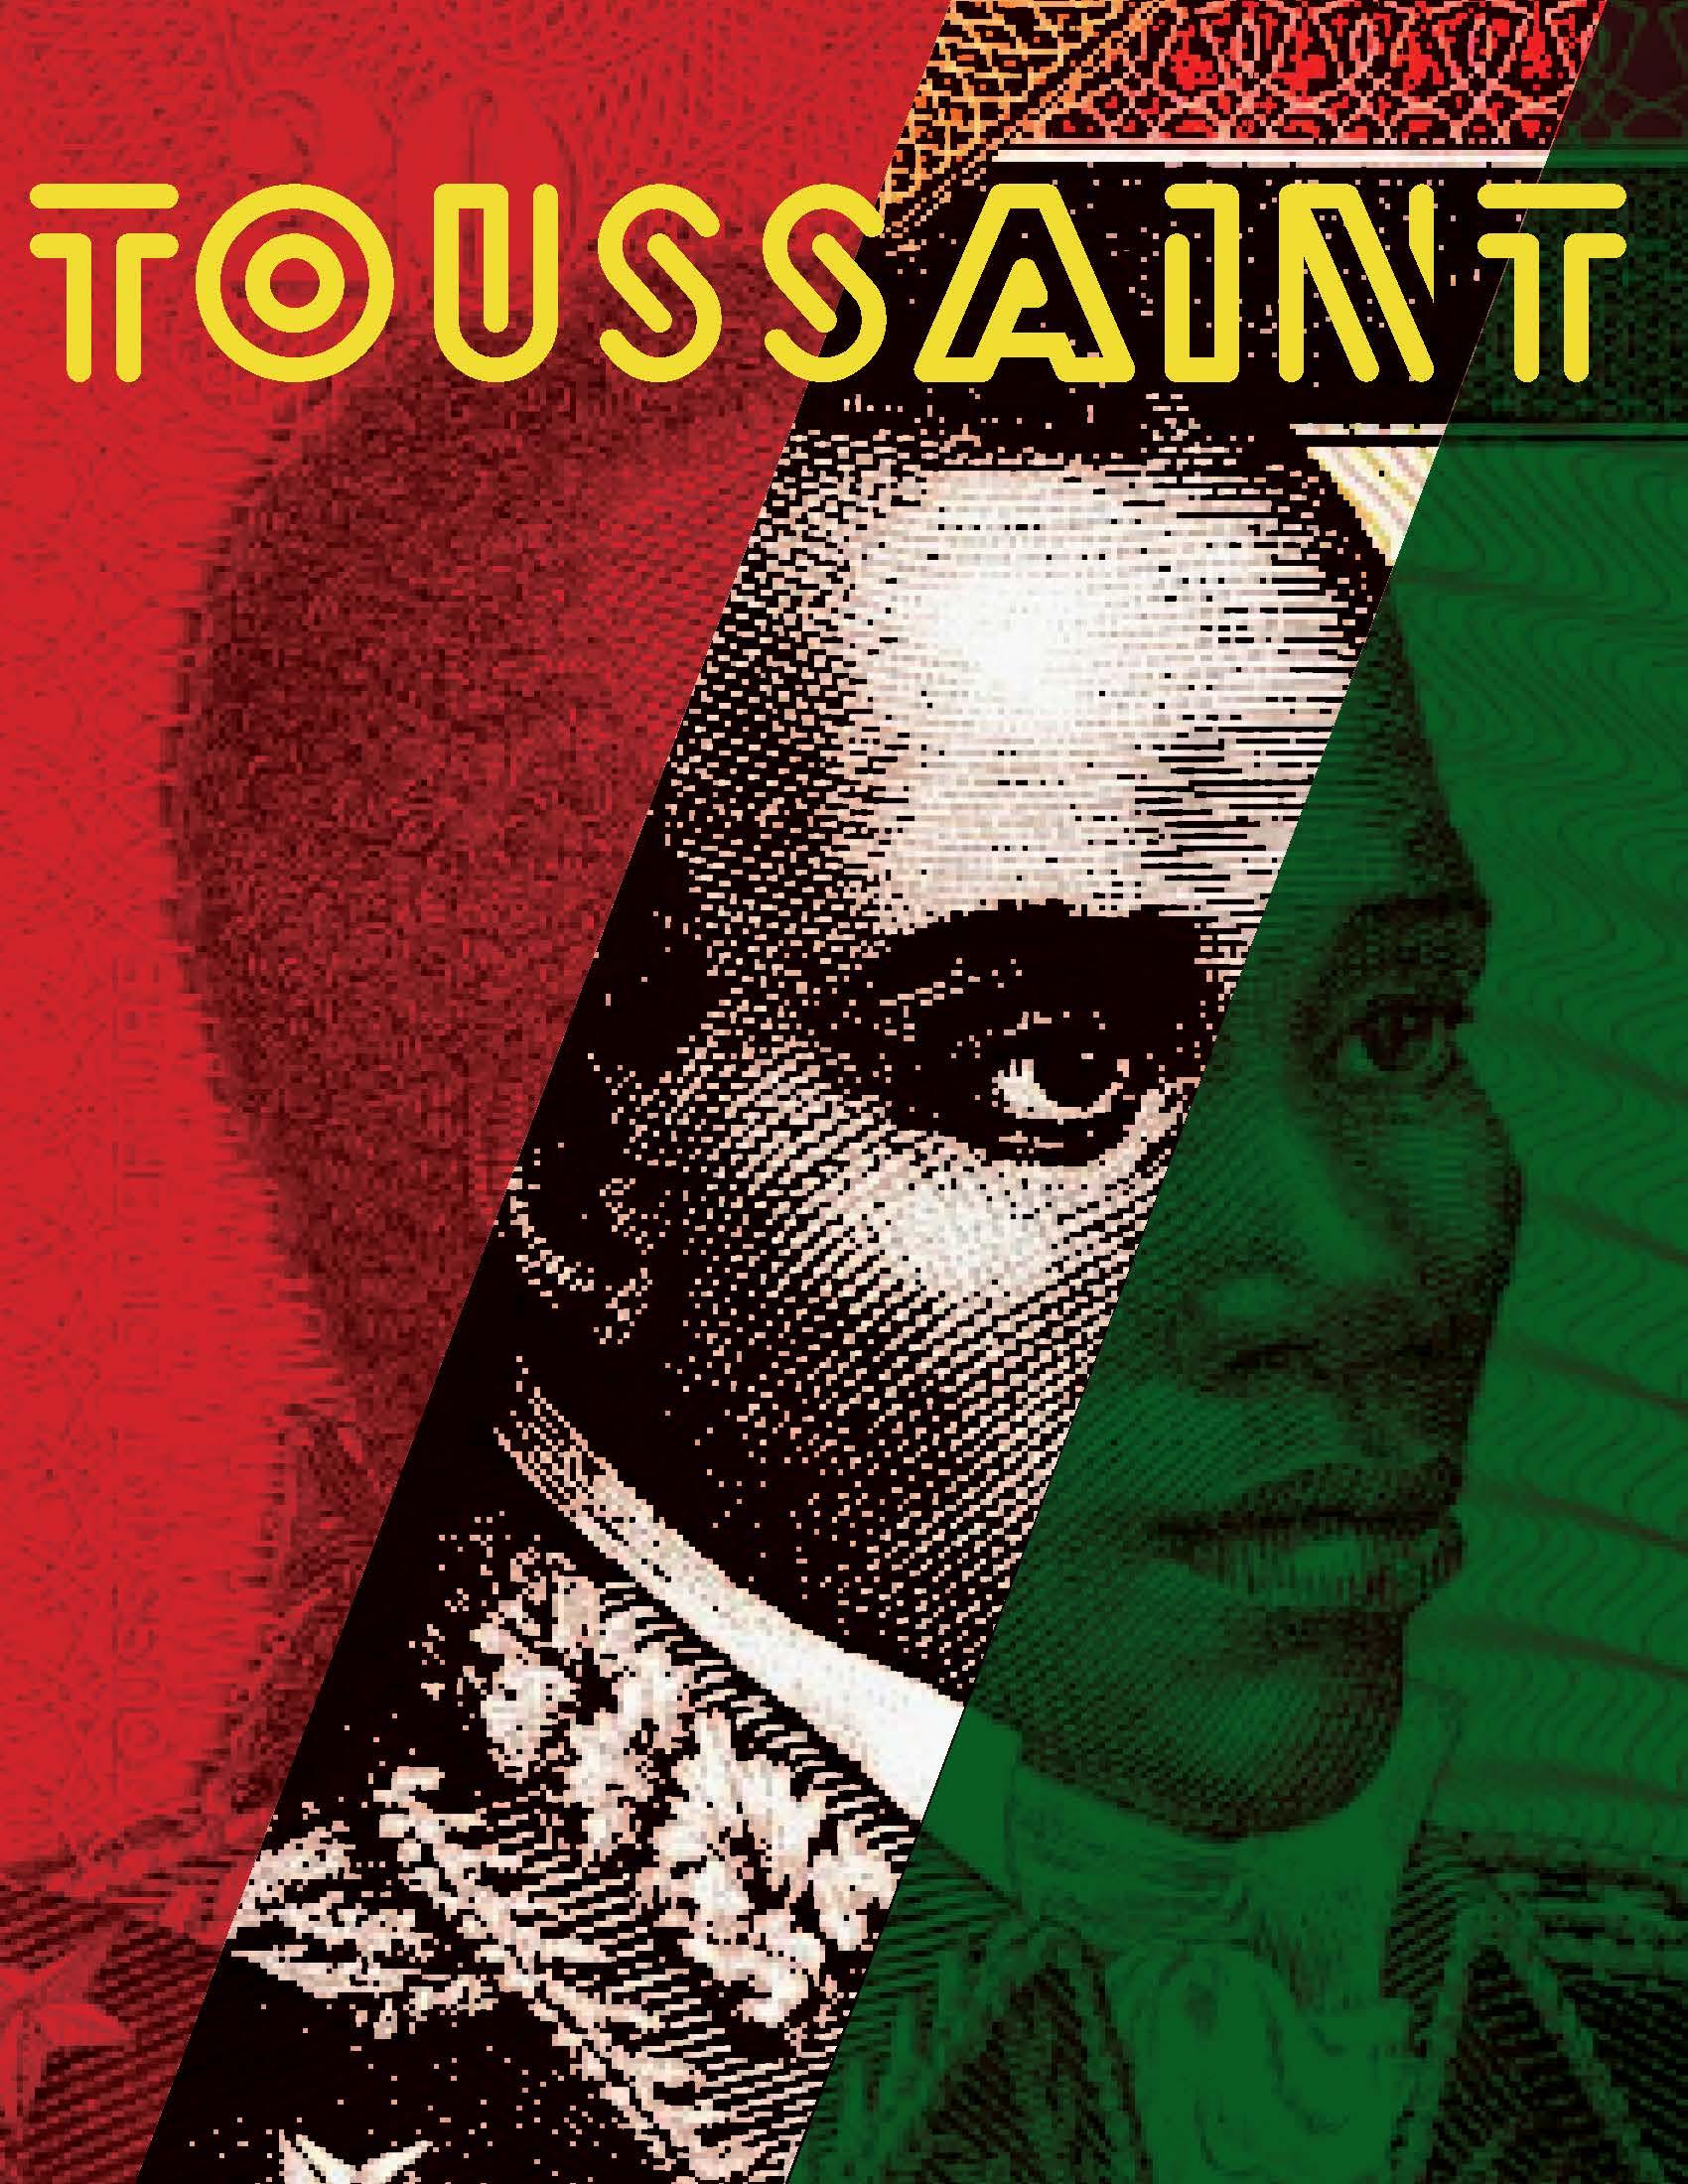 Toussaint Cover, 1